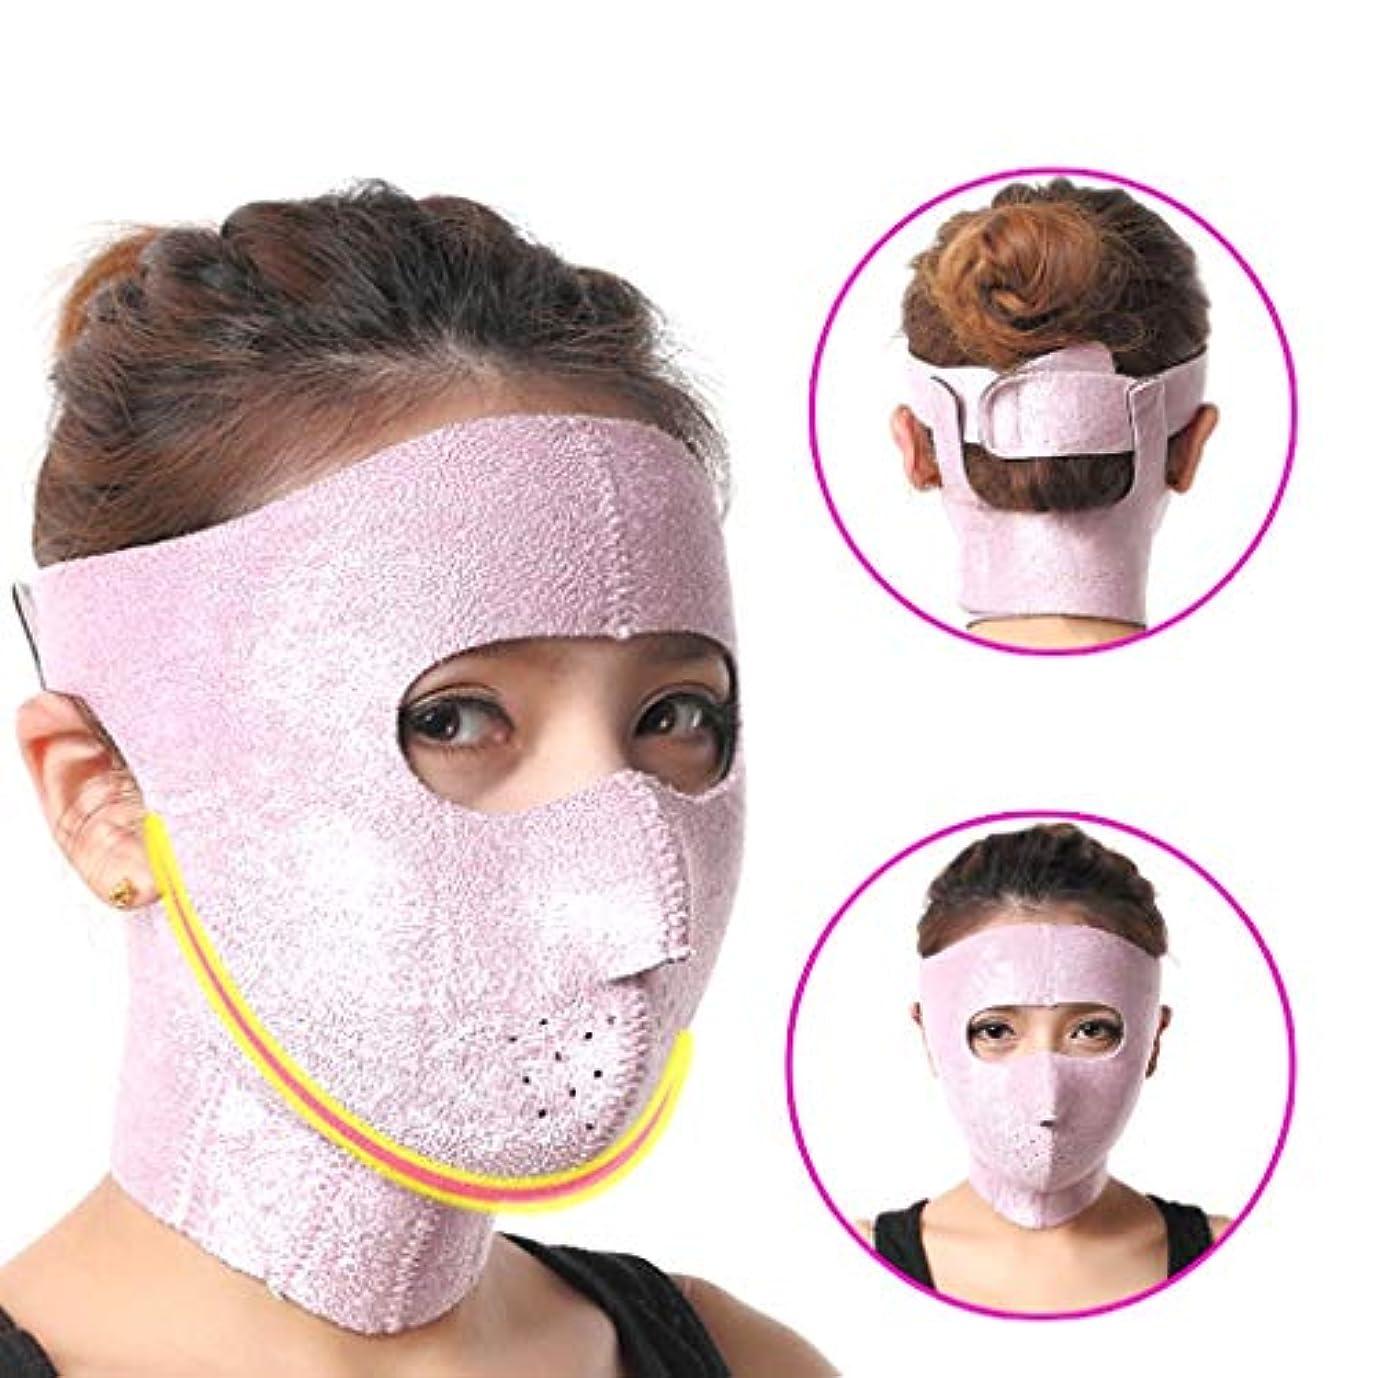 南西める私の薄いあご修正ツール、顔リフティングマスク、リフティングファーミング、Vフェイシャルマスク、改良された咬筋二重あご、男性と女性の両方に適しています